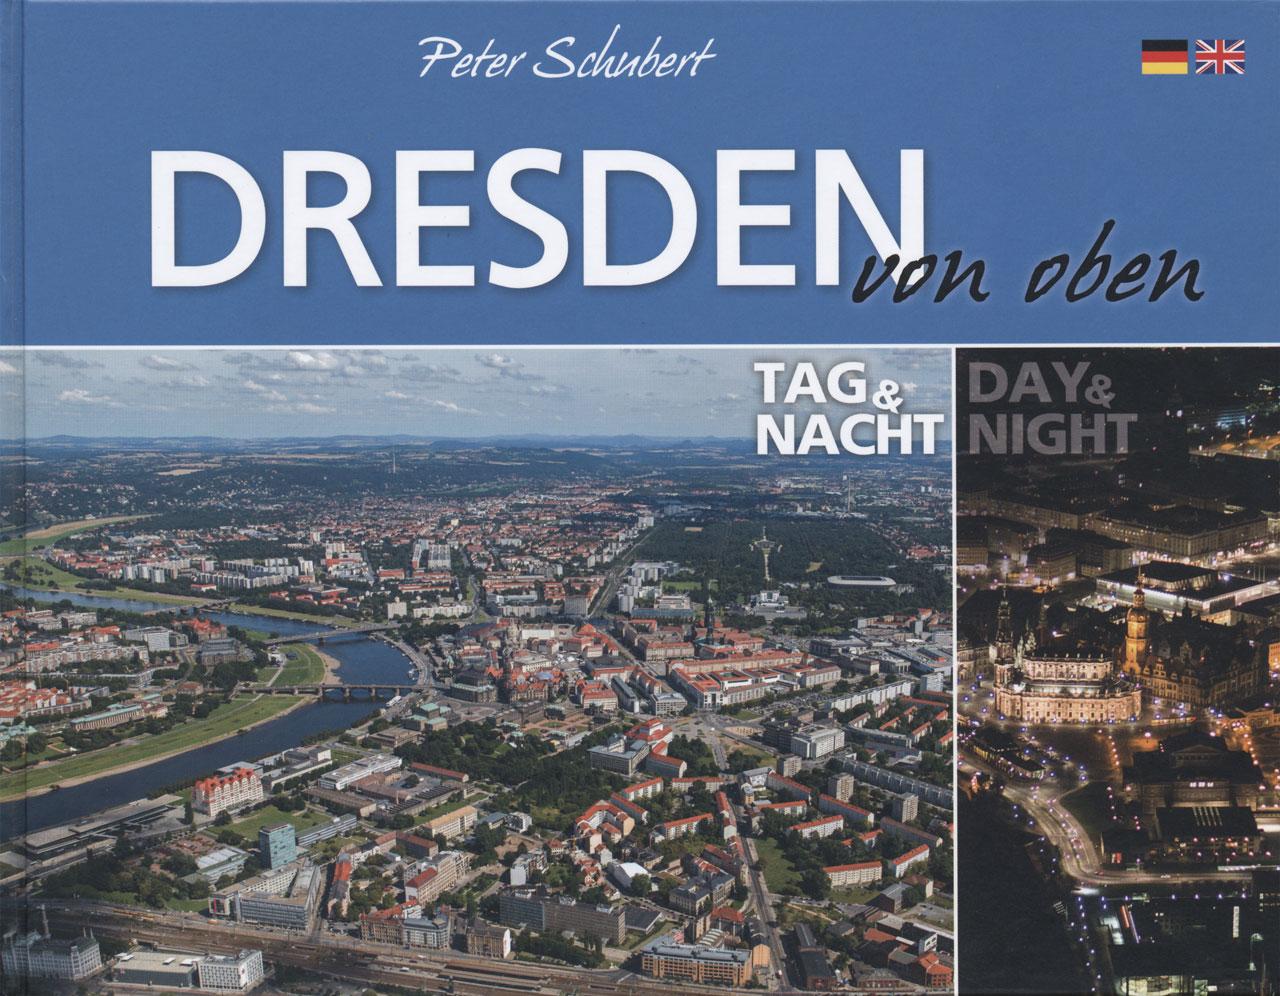 Dresden von oben Peter Schubert & Peter Ufer